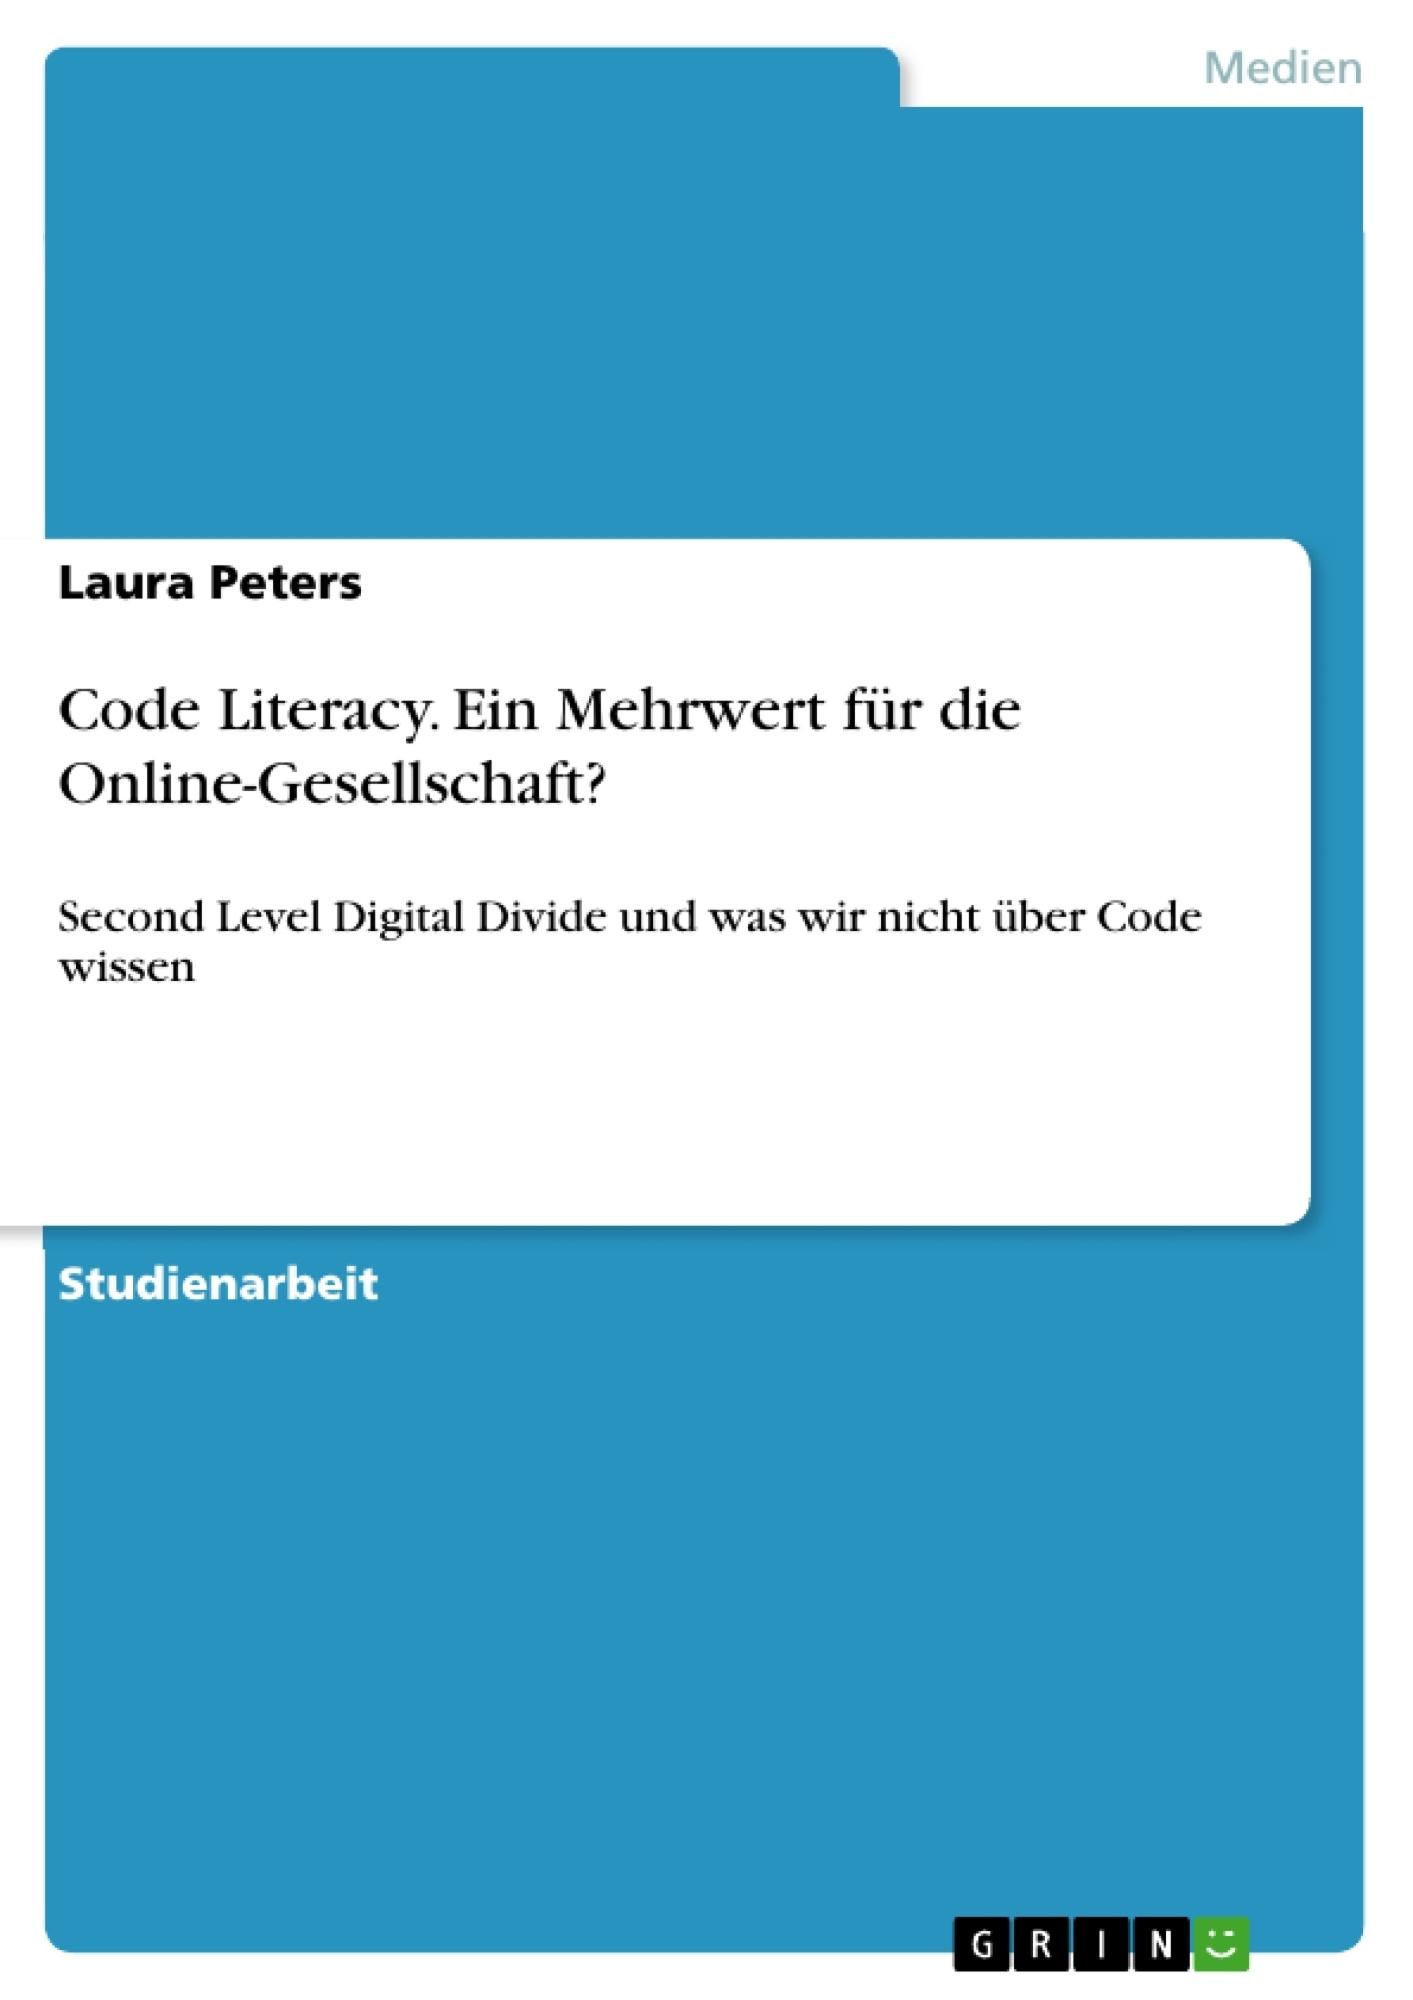 Titel: Code Literacy. Ein Mehrwert für die Online-Gesellschaft?